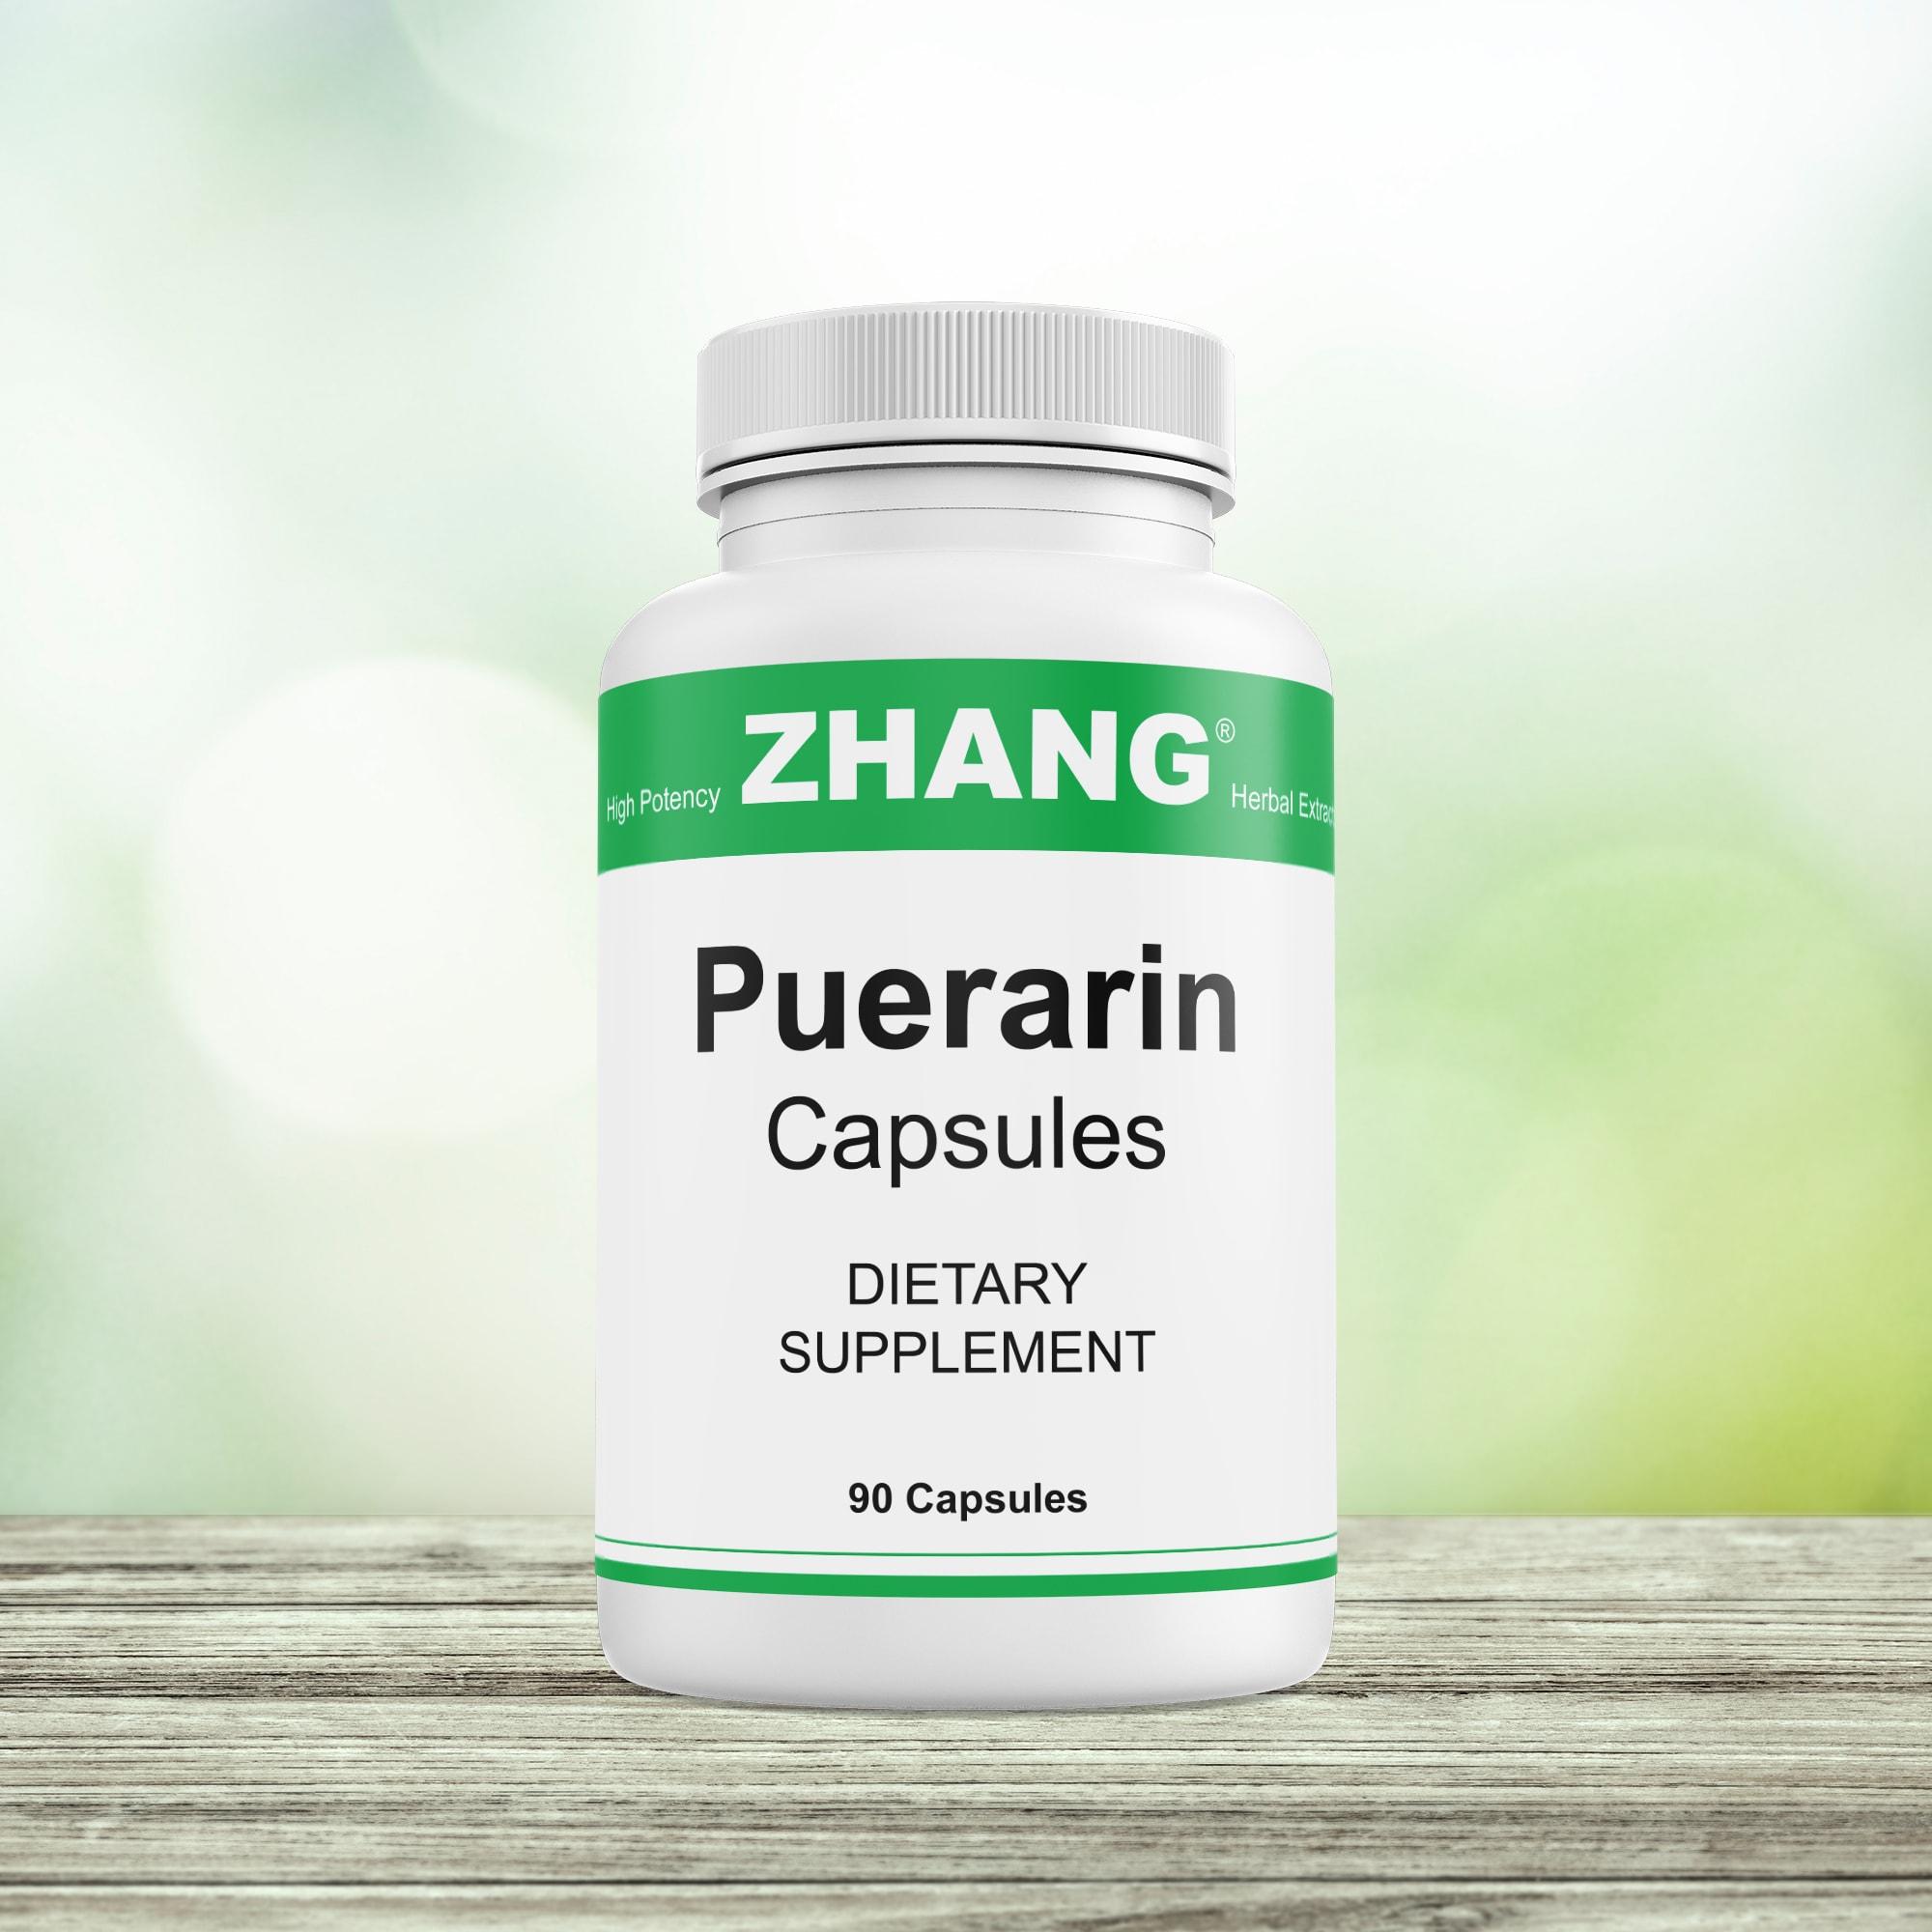 Puerarin capsules